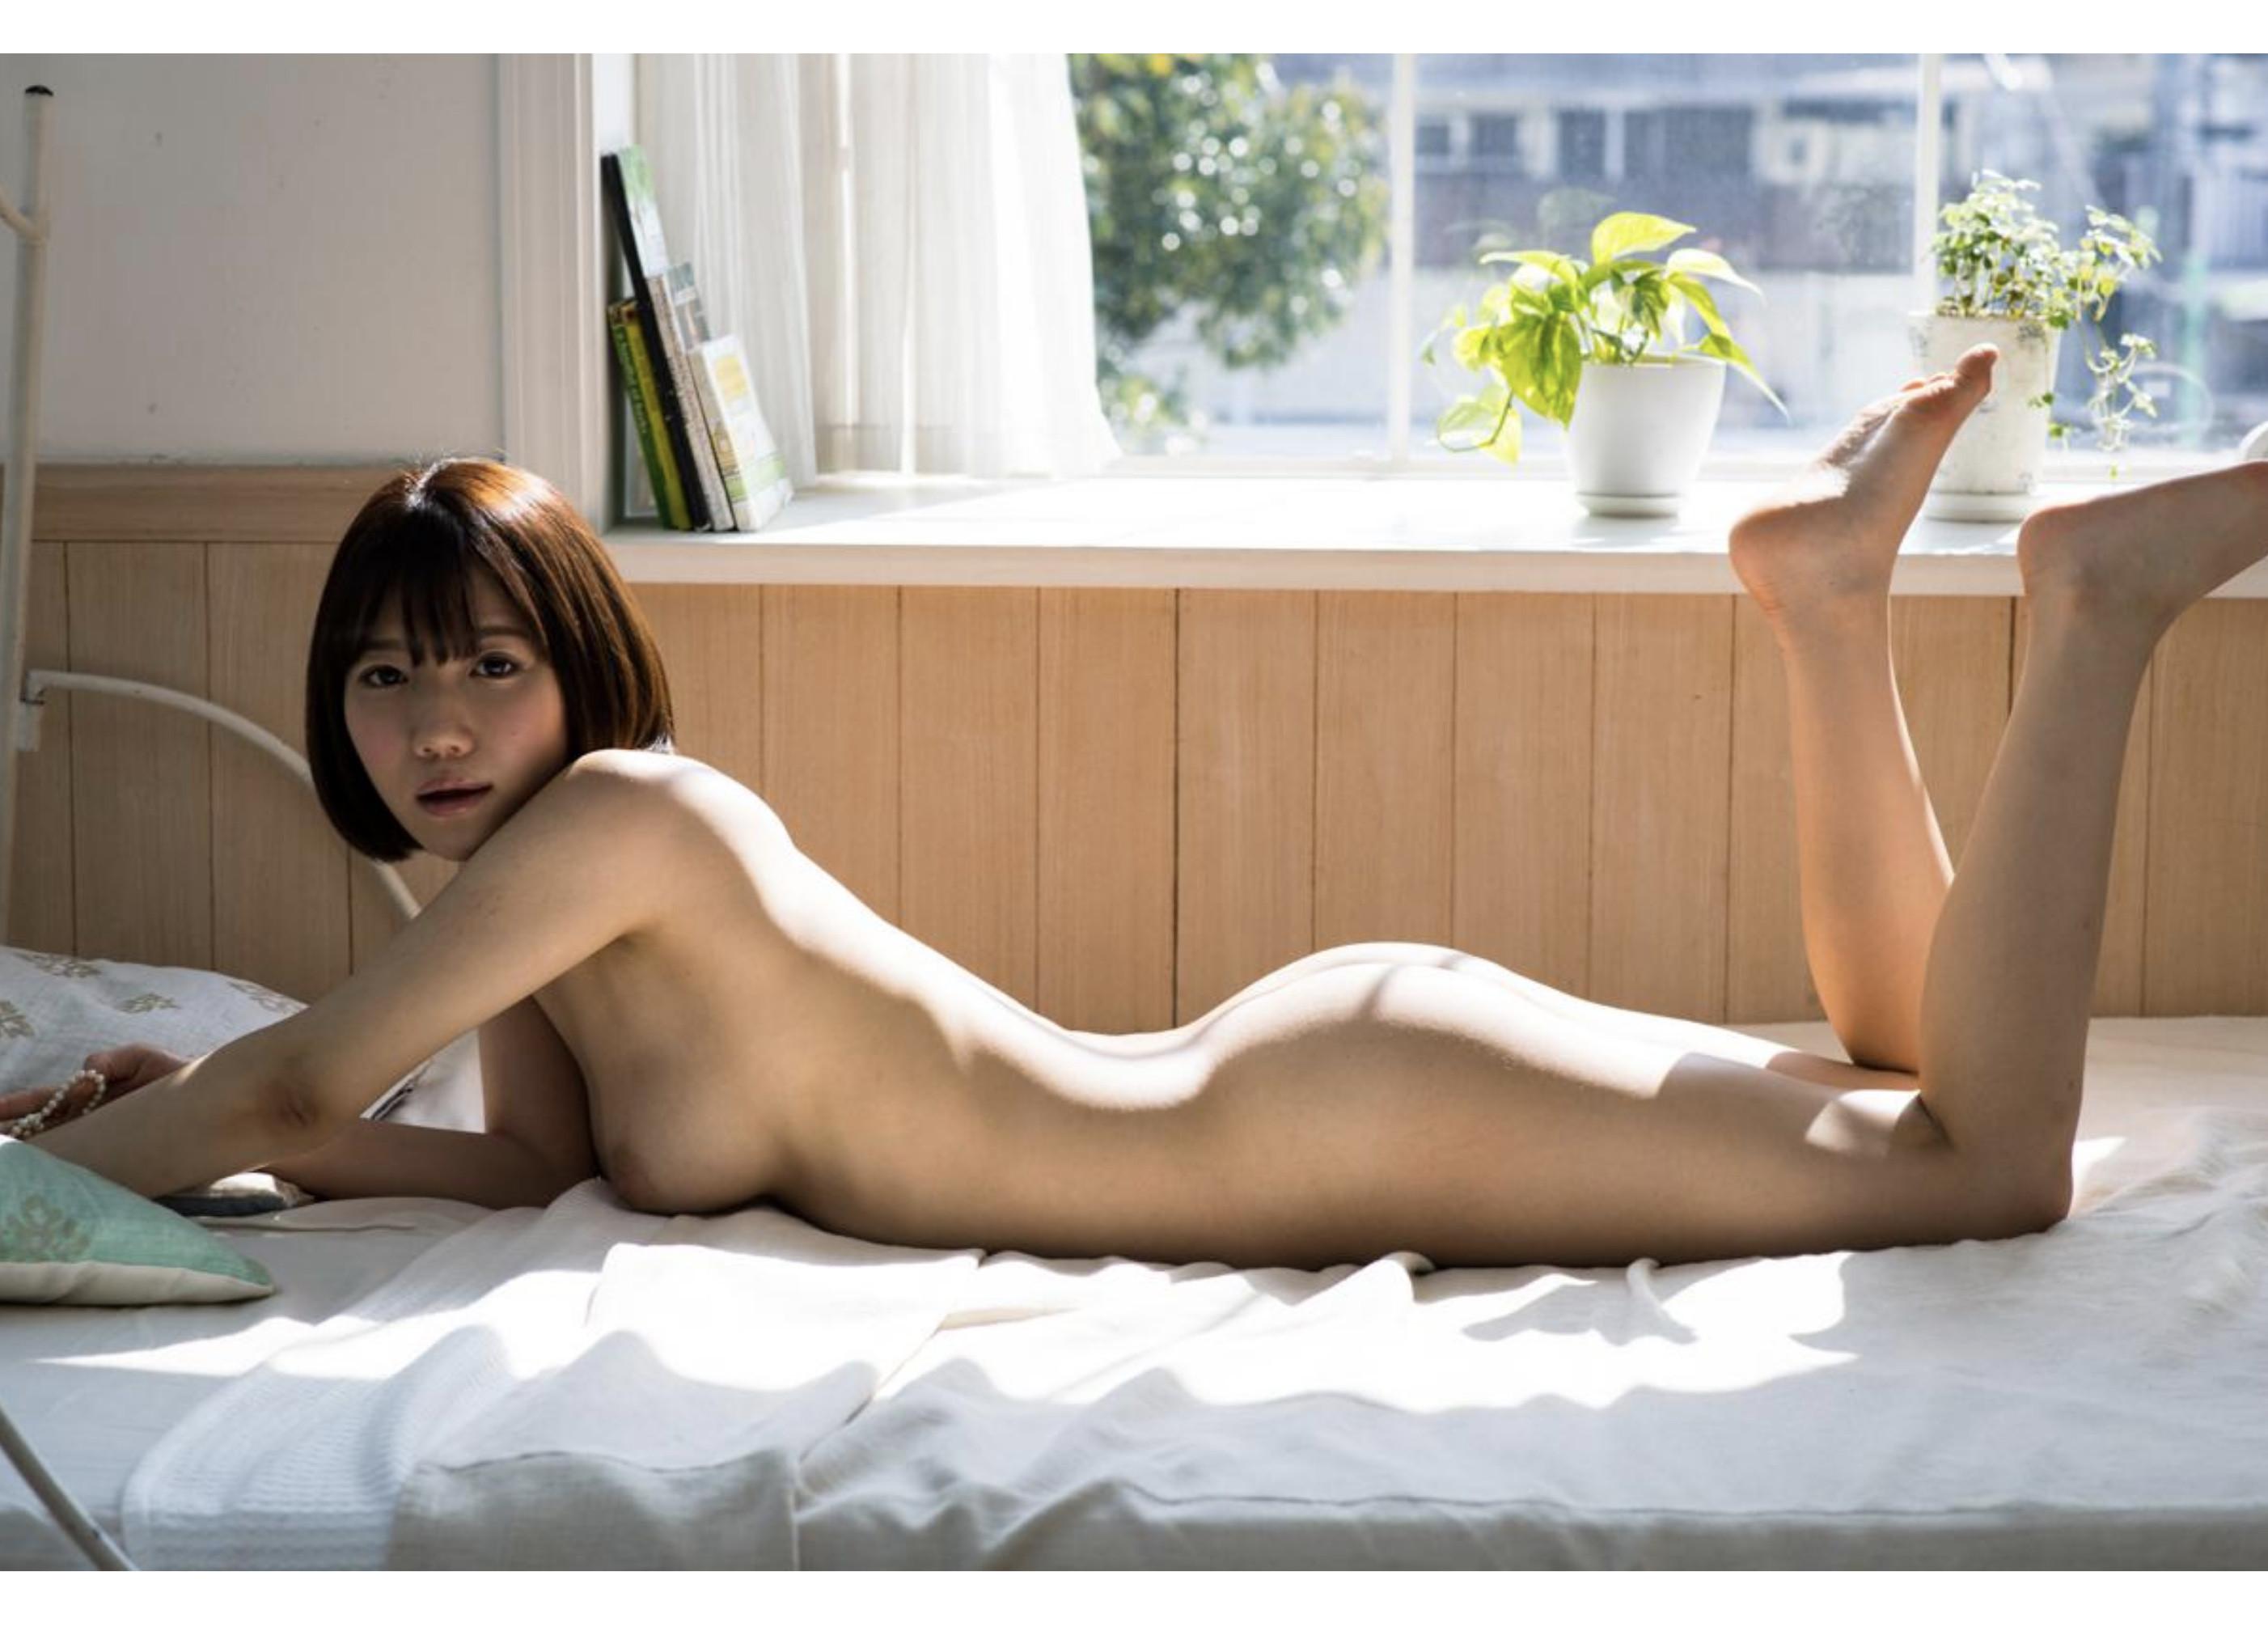 菊川みつ葉 写真集 Hetairai 120